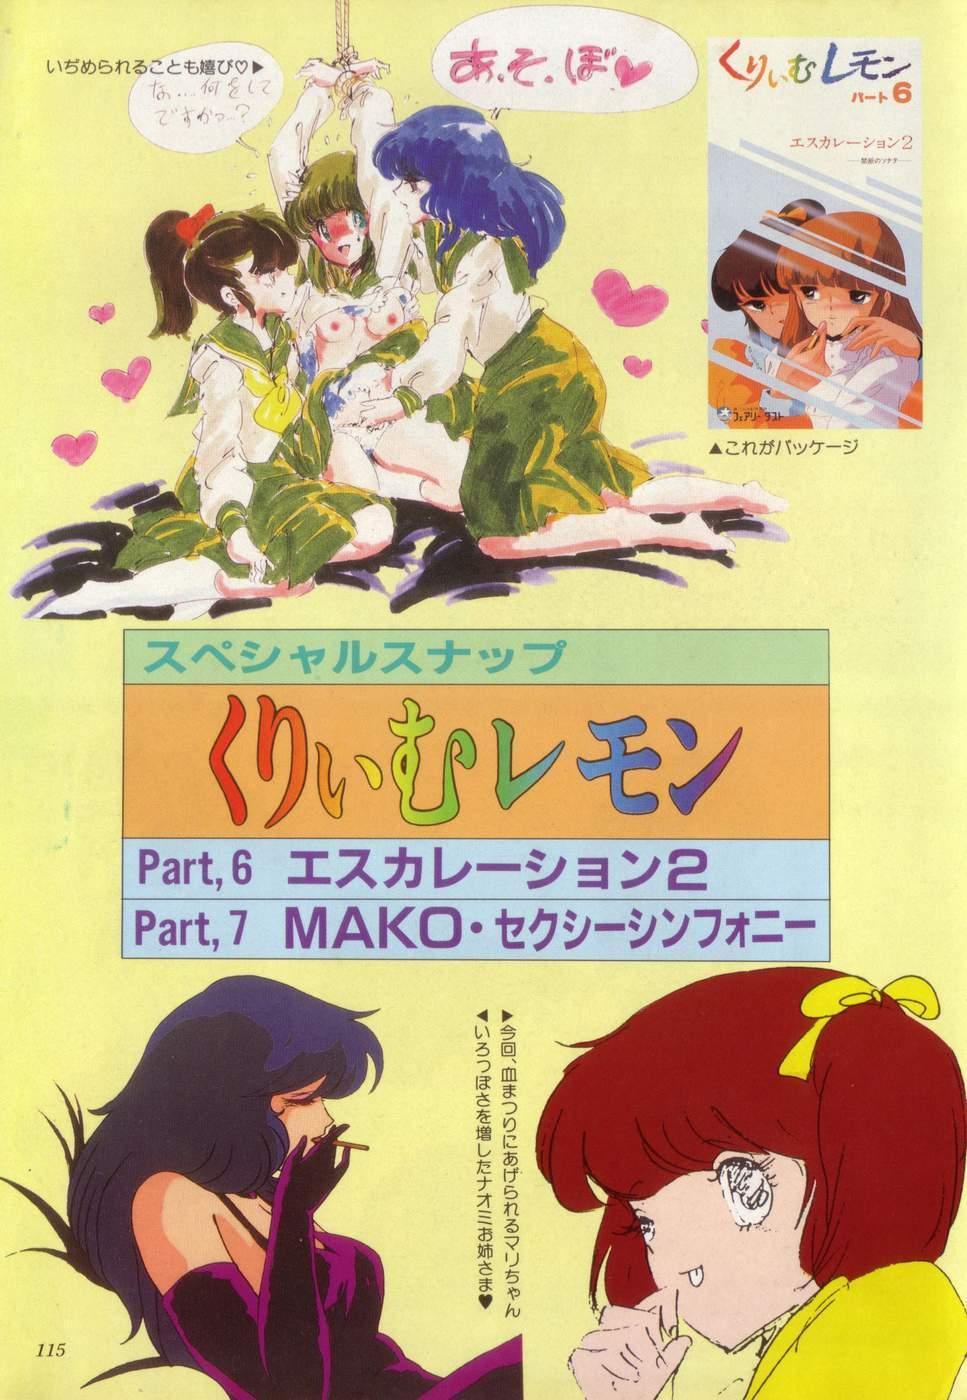 COMIC Lolipop 1985-10 Soukanjunbigou Aki 114